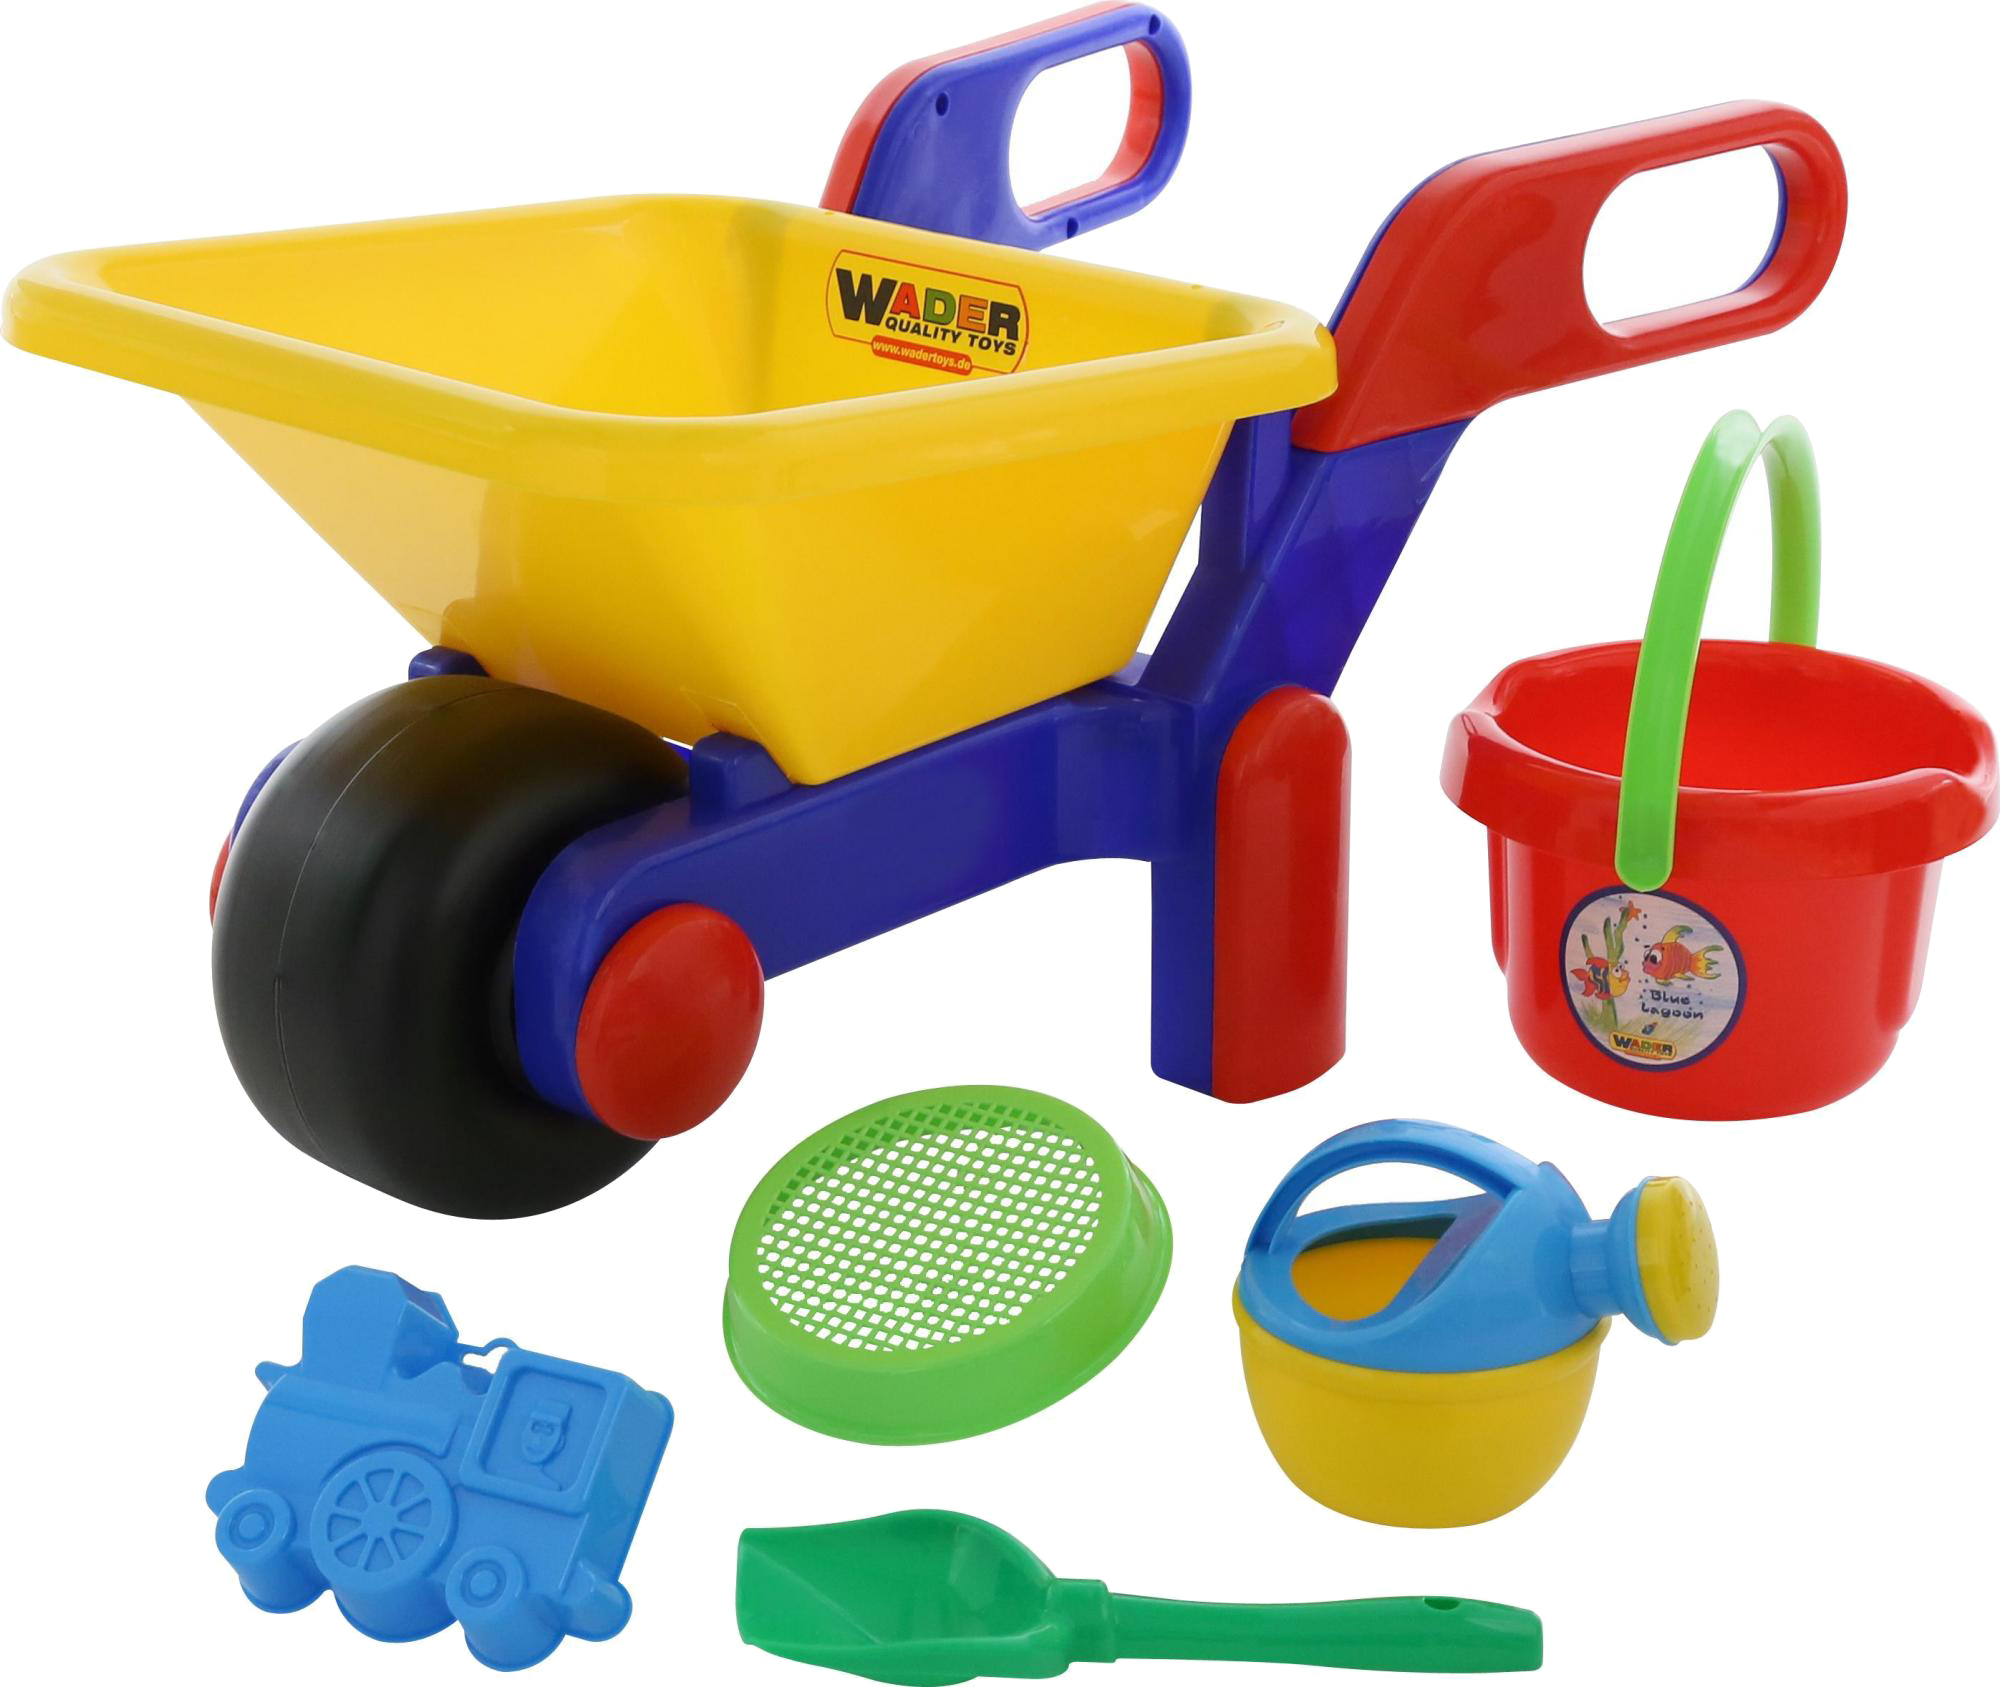 Игрушки для песка Полесье №455 с тачкой Полесье игрушки для песка полесье 455 с тачкой полесье